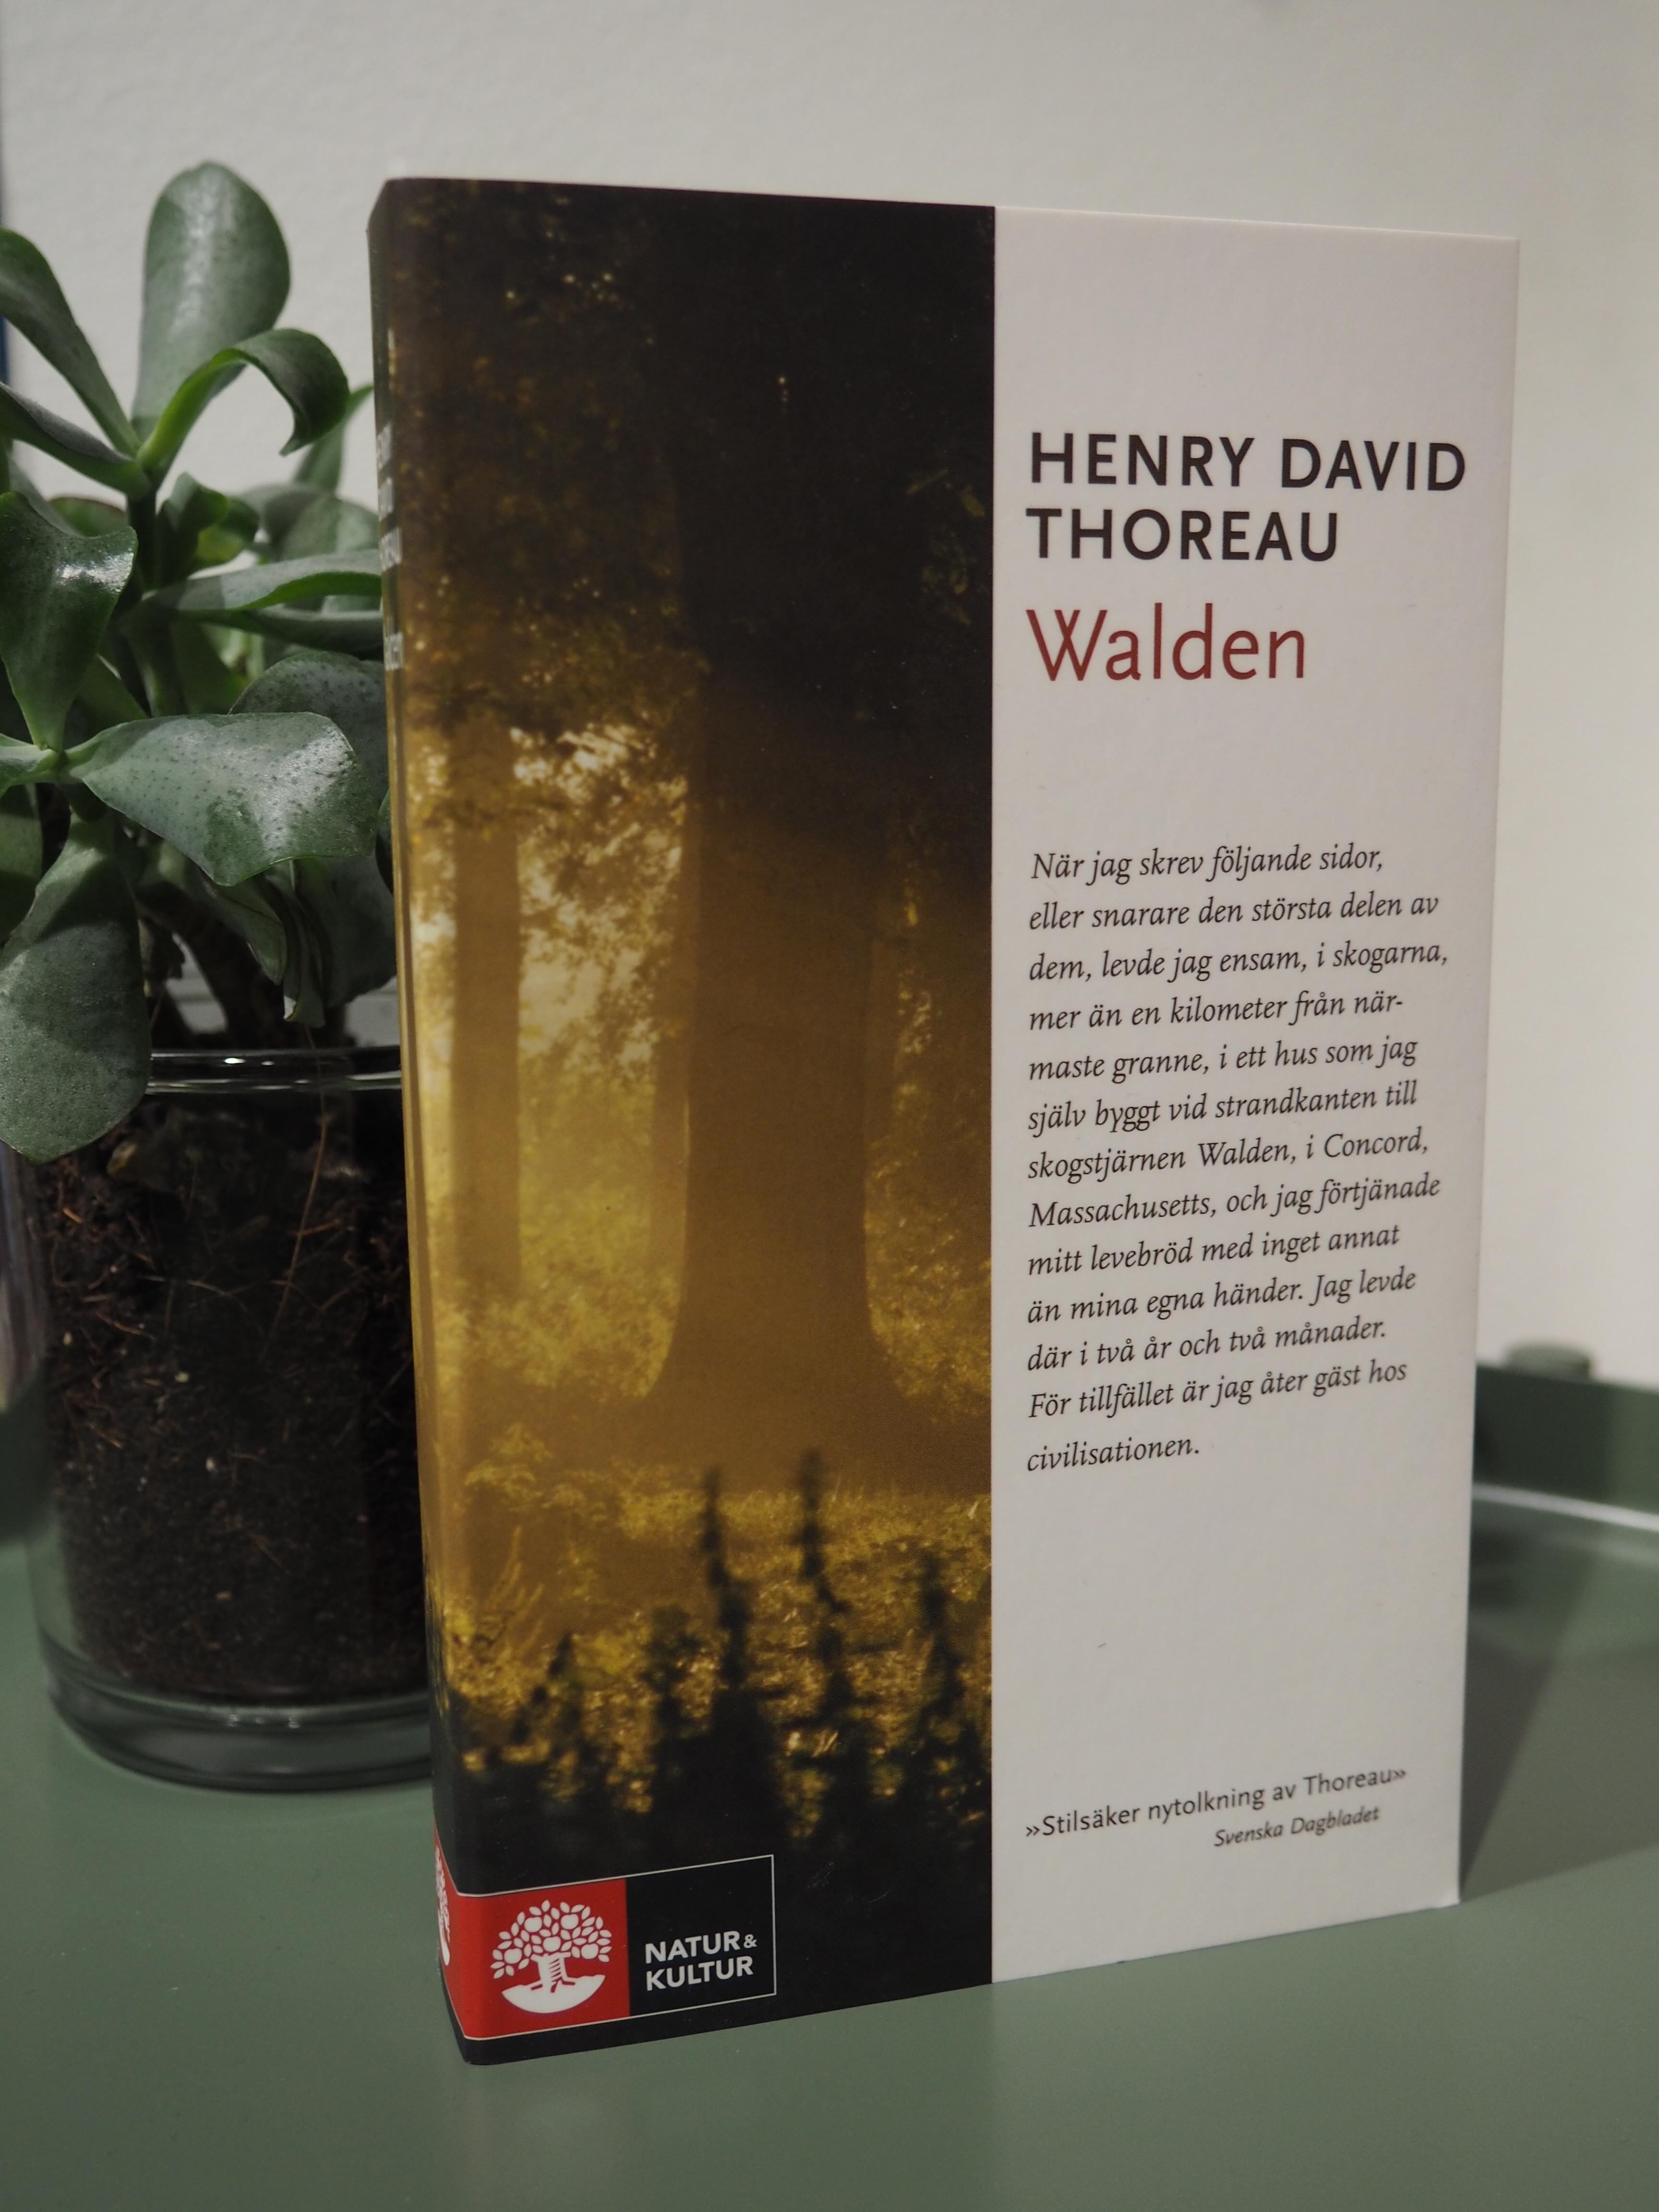 Henry David Thoreau - Walden